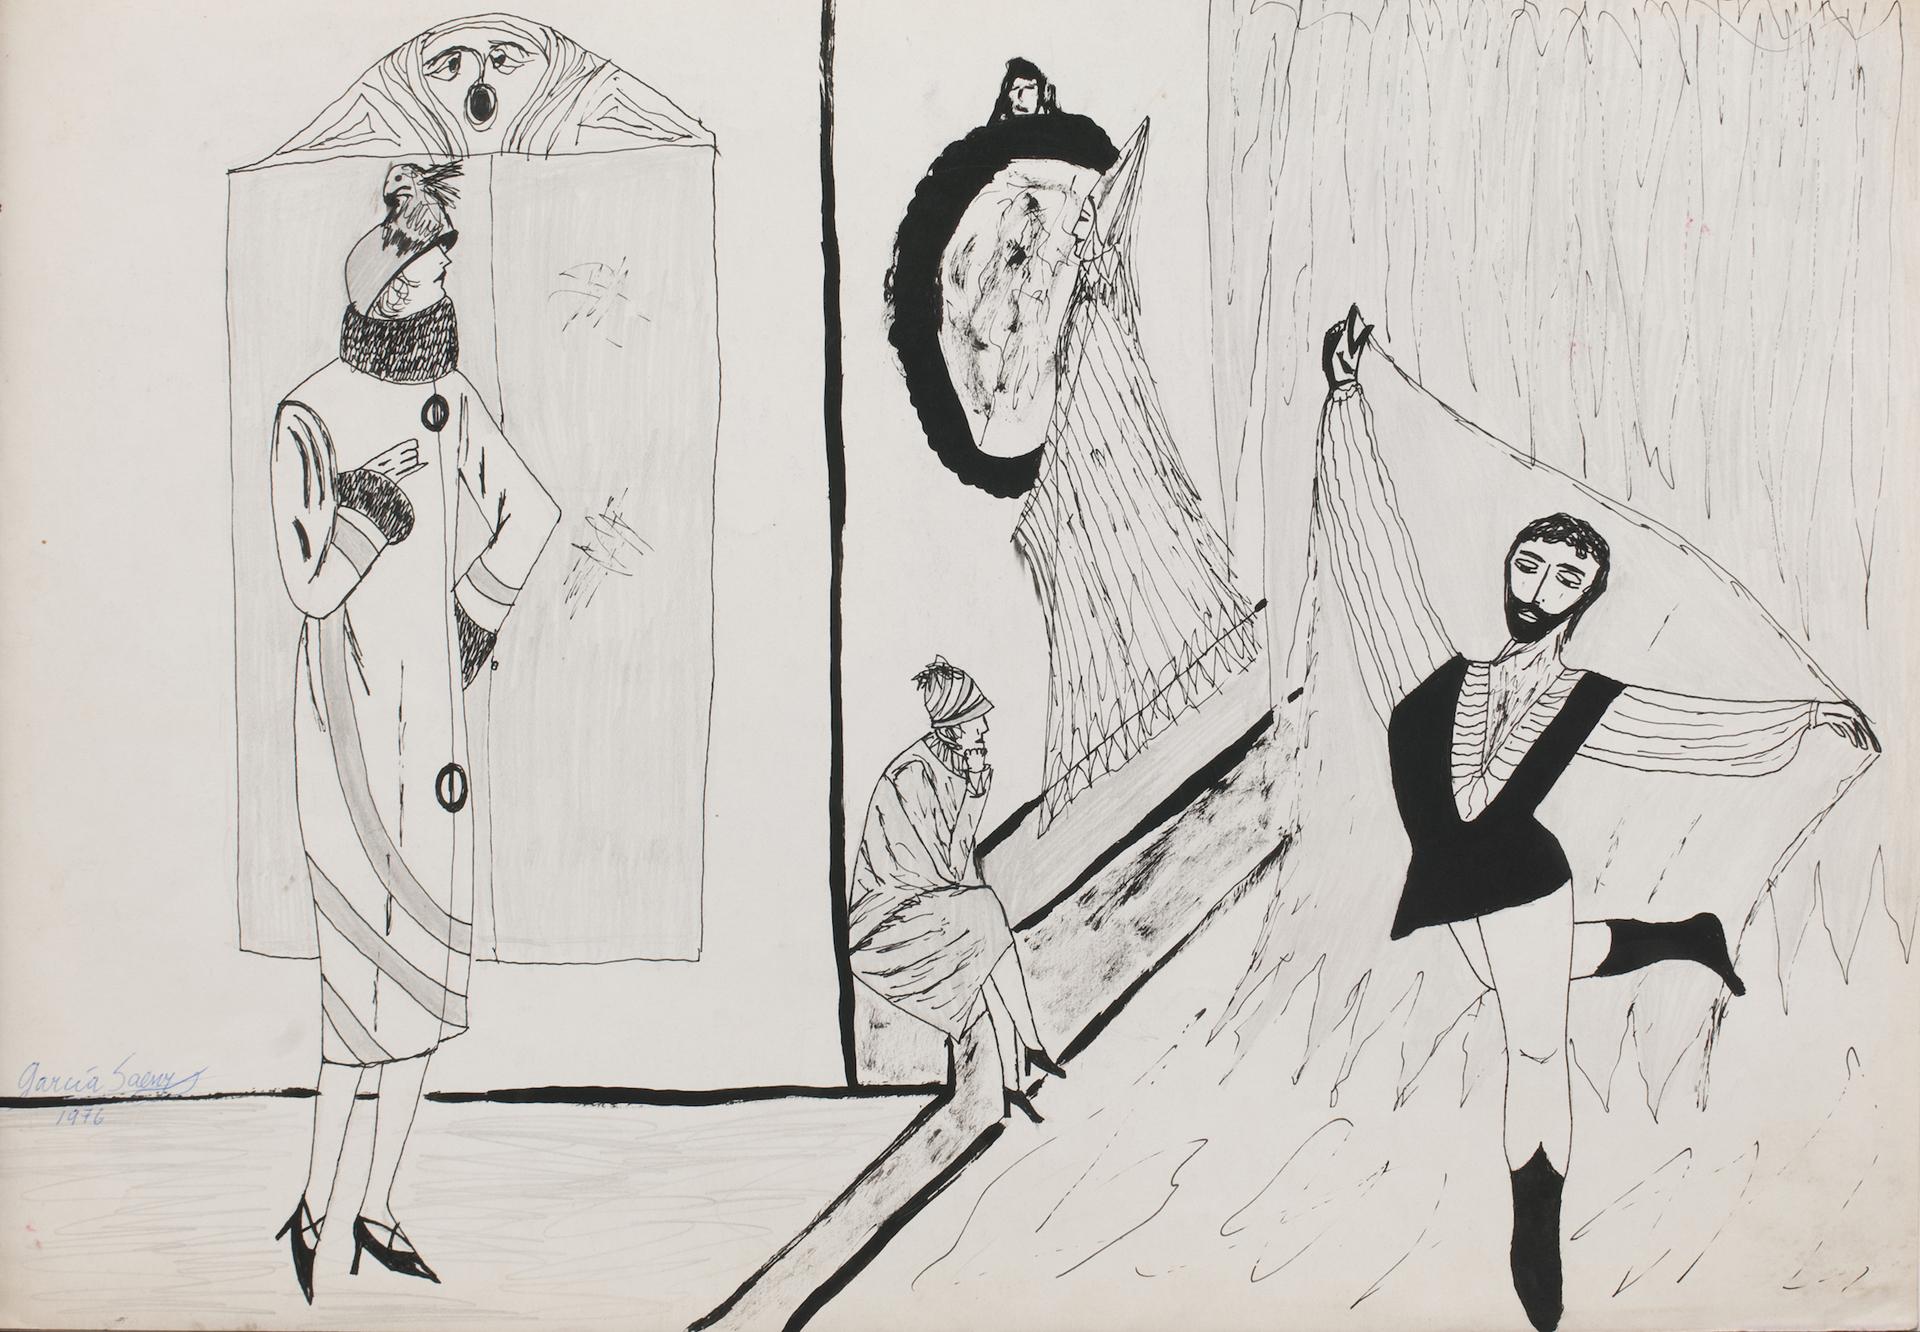 Sin título | Sección Principal. Galería: Hache. Artista: Santiago García Sáenz. Técnica: Tinta sobre papel. Año: 1976. Medida: 34,8 x 49,6 cm